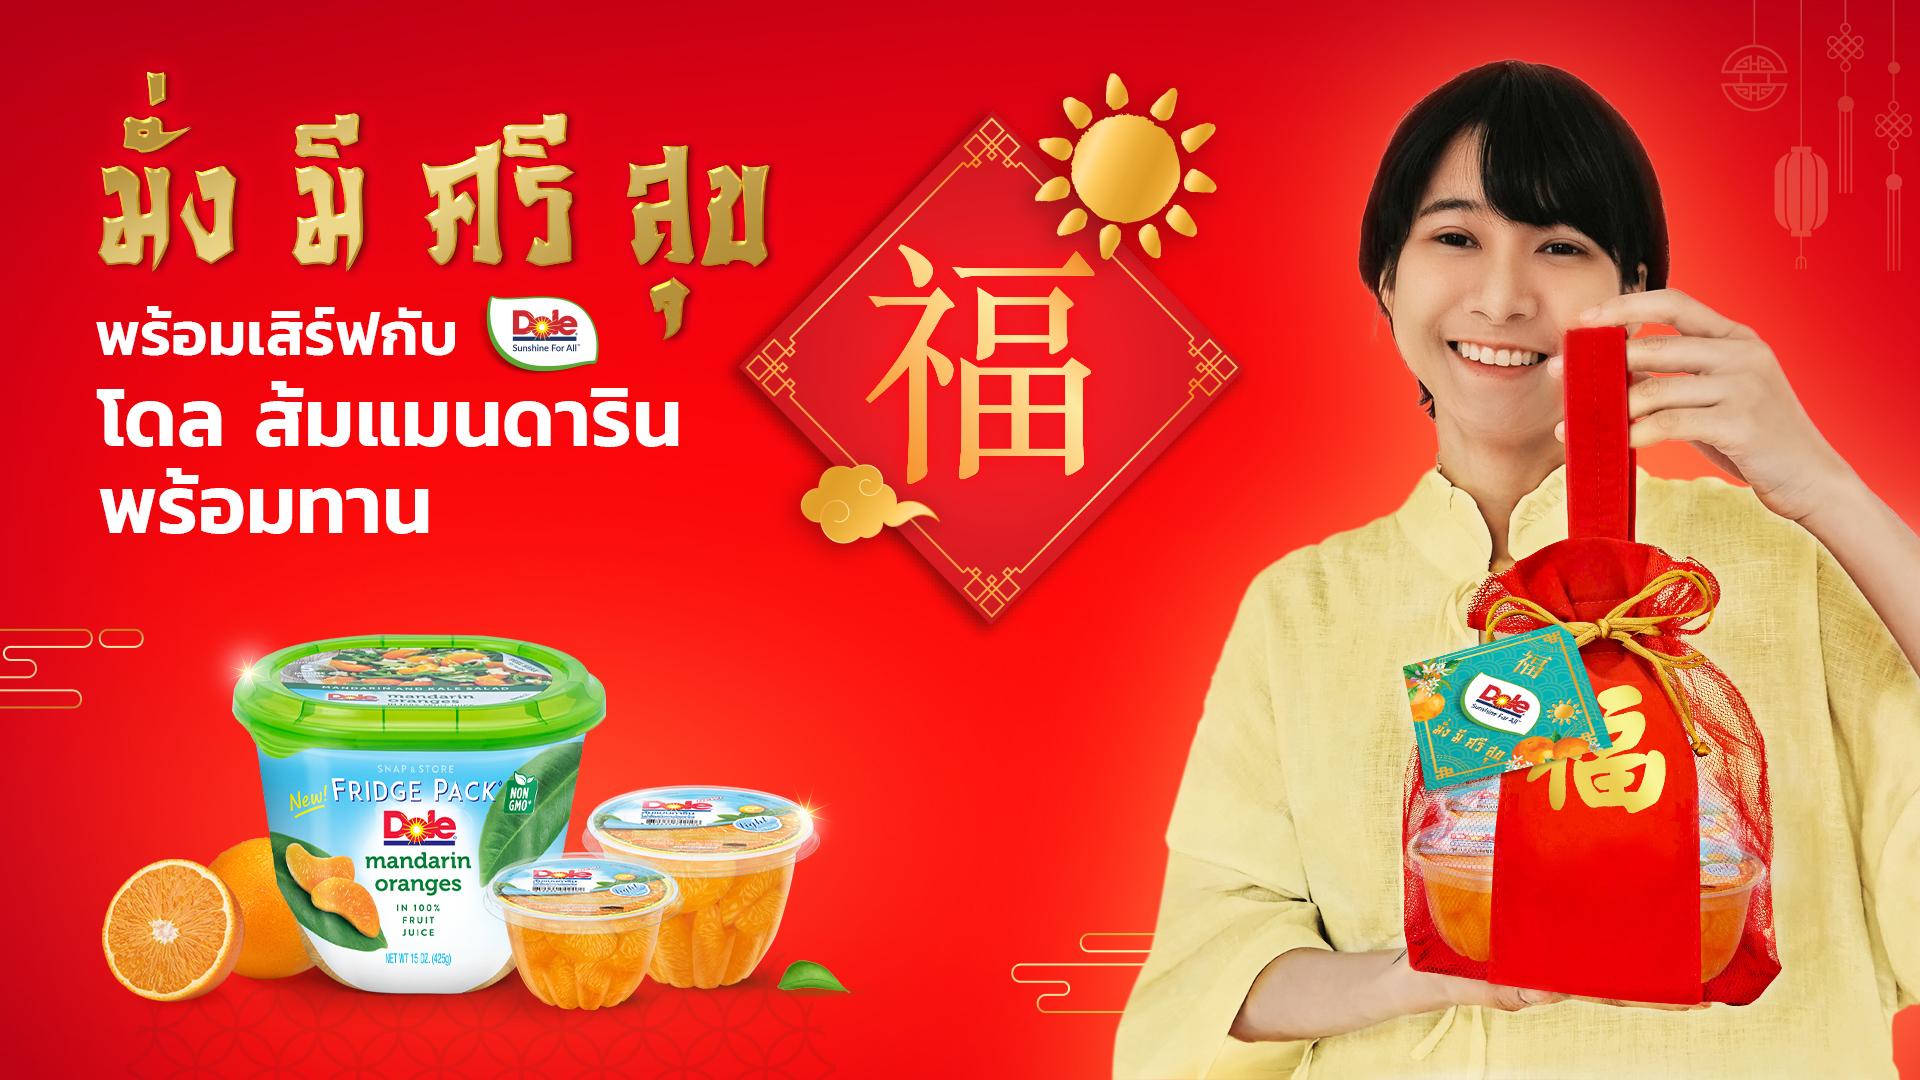 """โดล ไทยแลนด์ ชวนคนไทยส่งมอบความสุขเสริมโชคด้วย """"ส้มแมนดารินพร้อมทาน"""" รับตรุษจีน"""